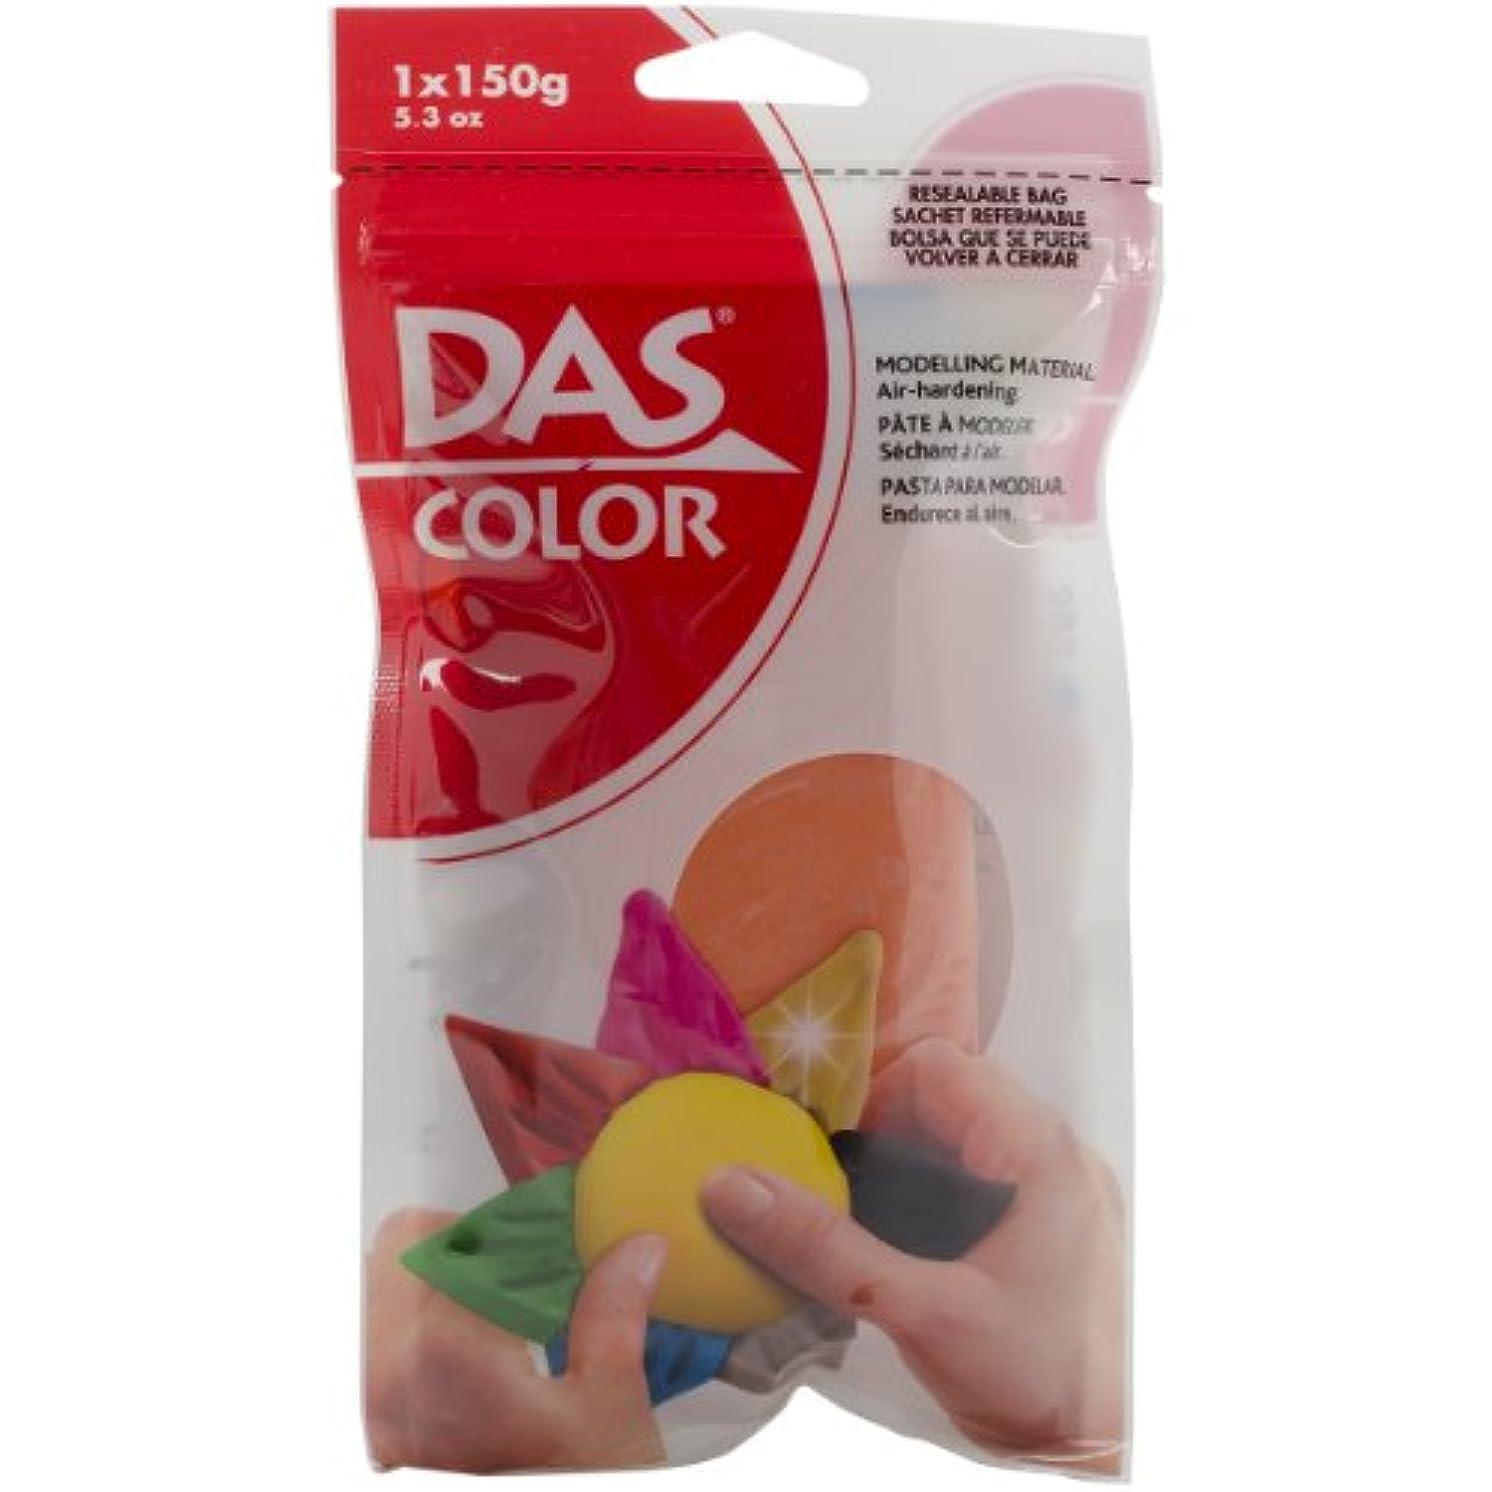 調査しかしながら私Das 色空気乾燥粘土 5.3 オンス オレンジ